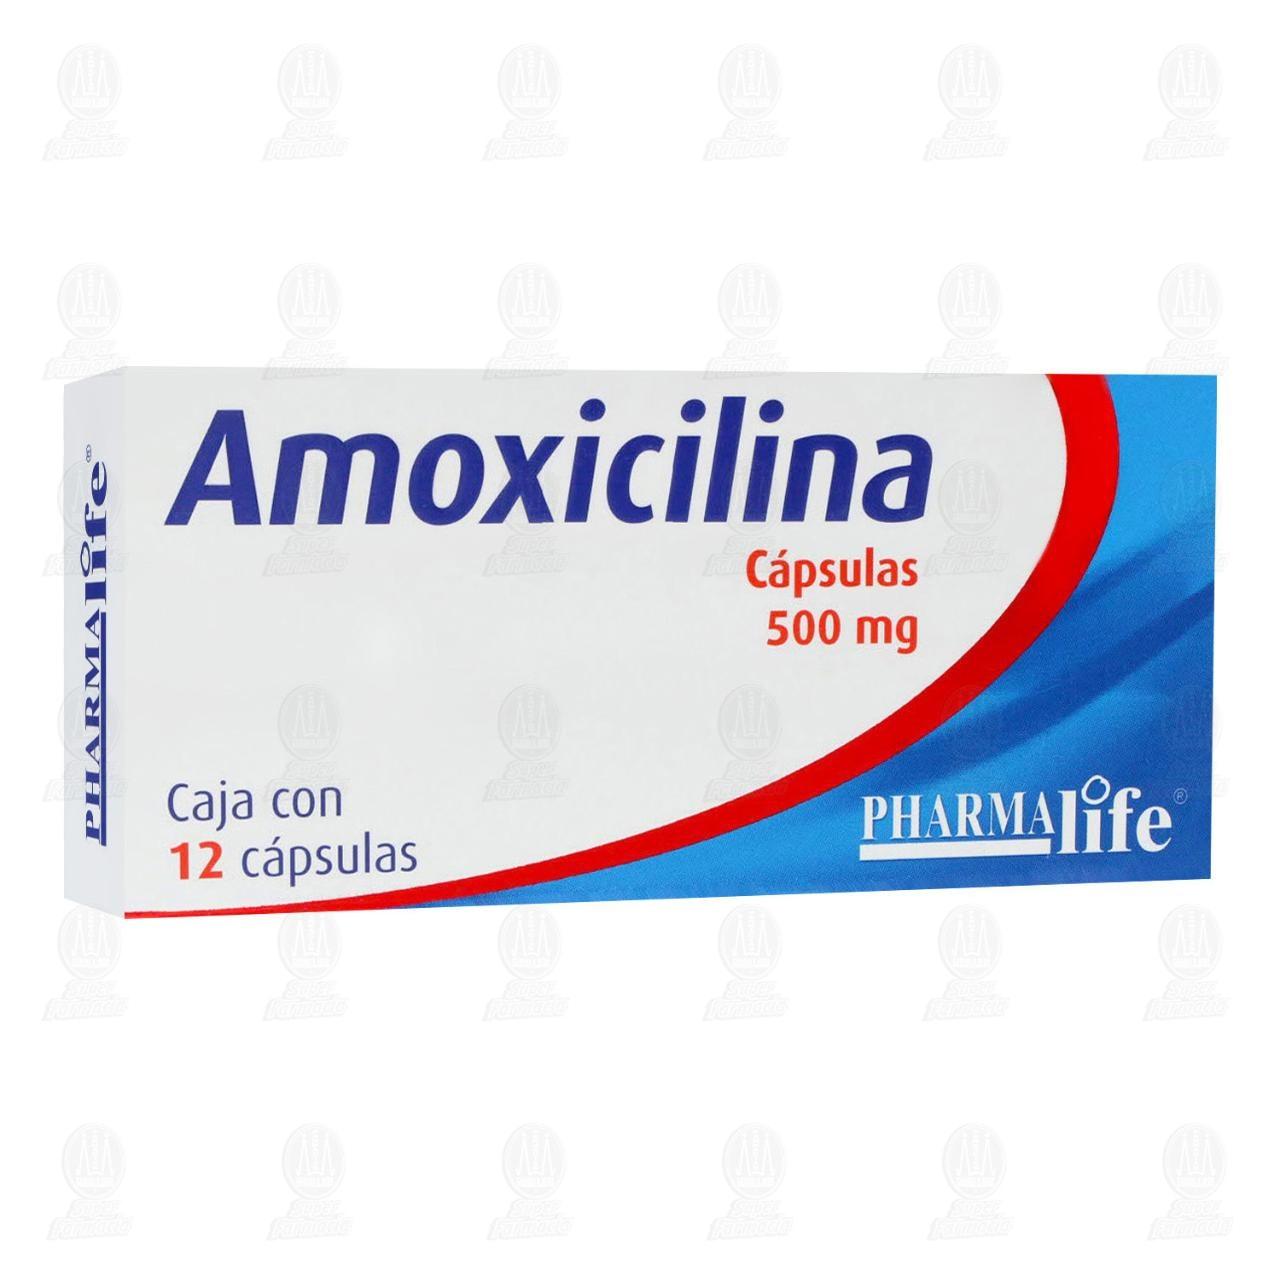 Comprar Amoxicilina 500mg 12 Cápsulas Pharmalife en Farmacias Guadalajara